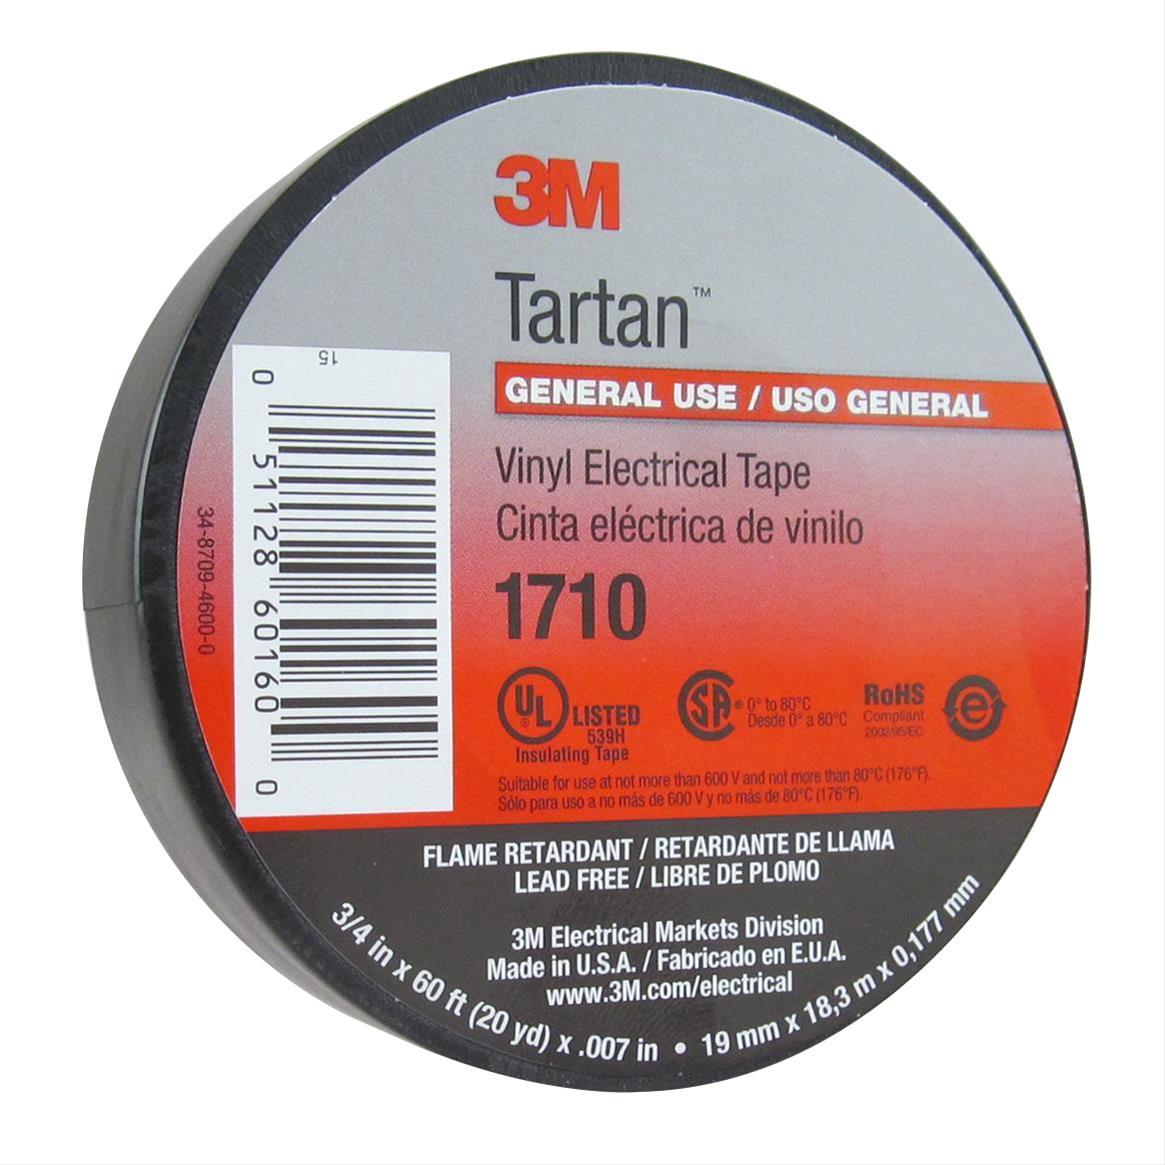 3M Tartan 1710 Vinyl Electrical Tapes 60160